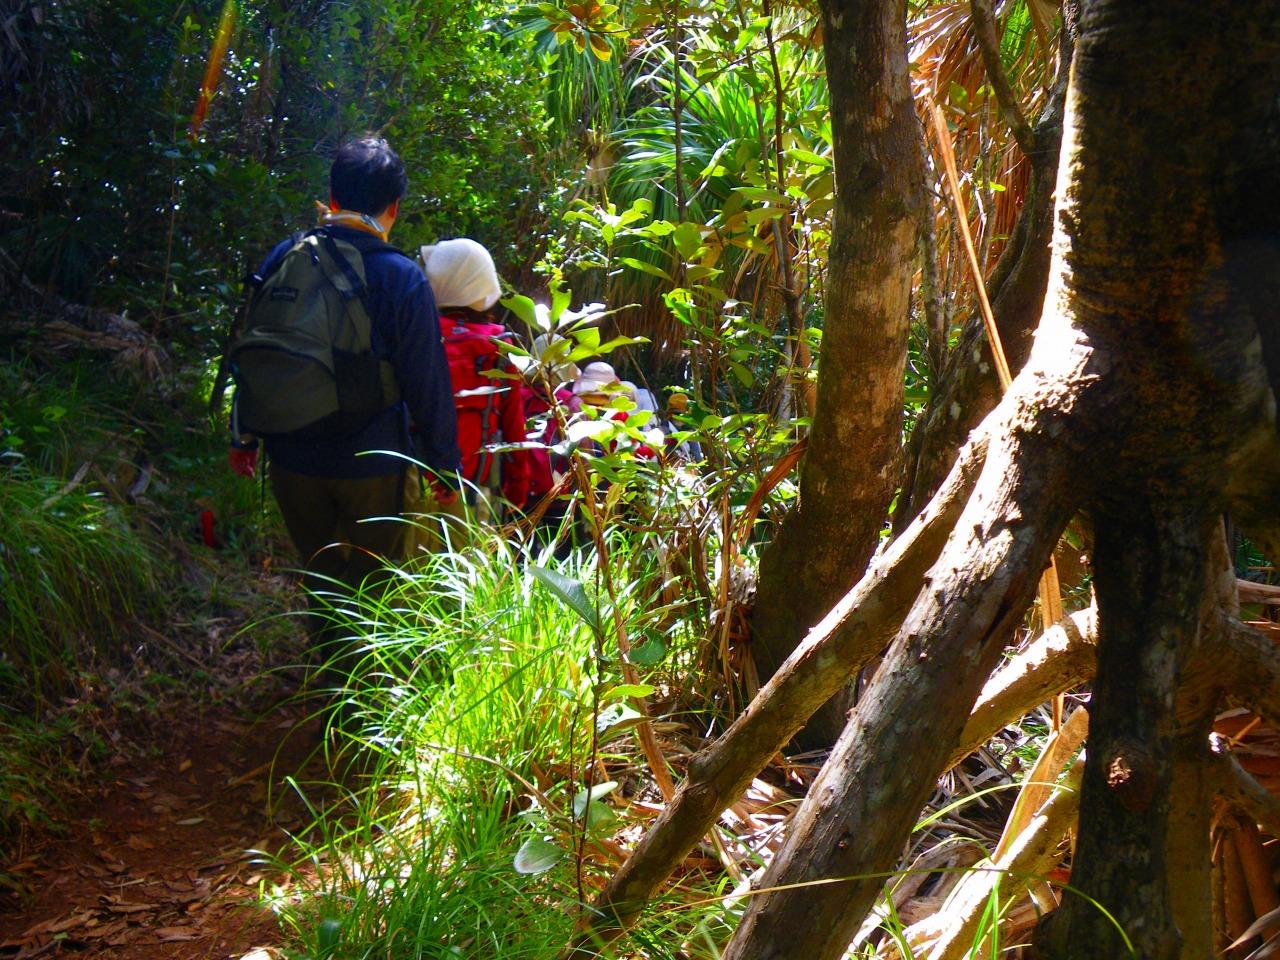 貴重な生態系をもつ森へ(タコノキ)